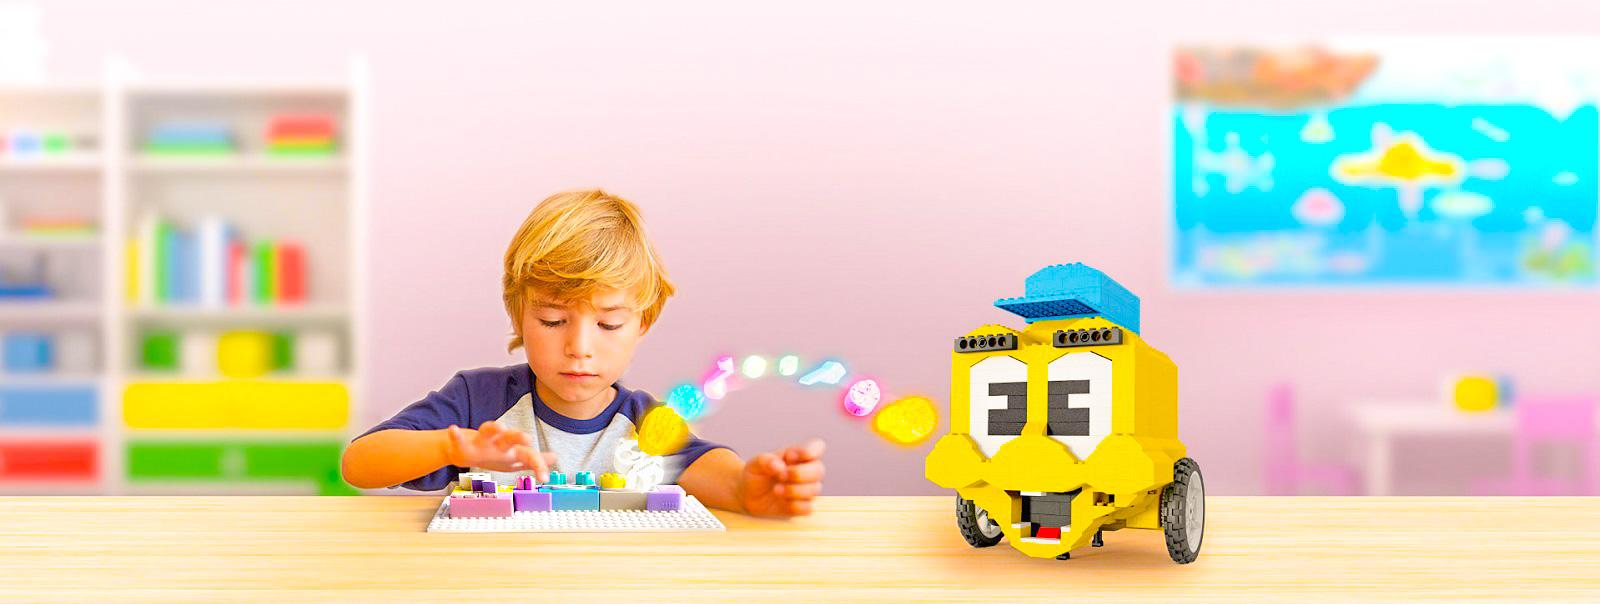 Algobrix - навчання дітей кодування в ігровій формі